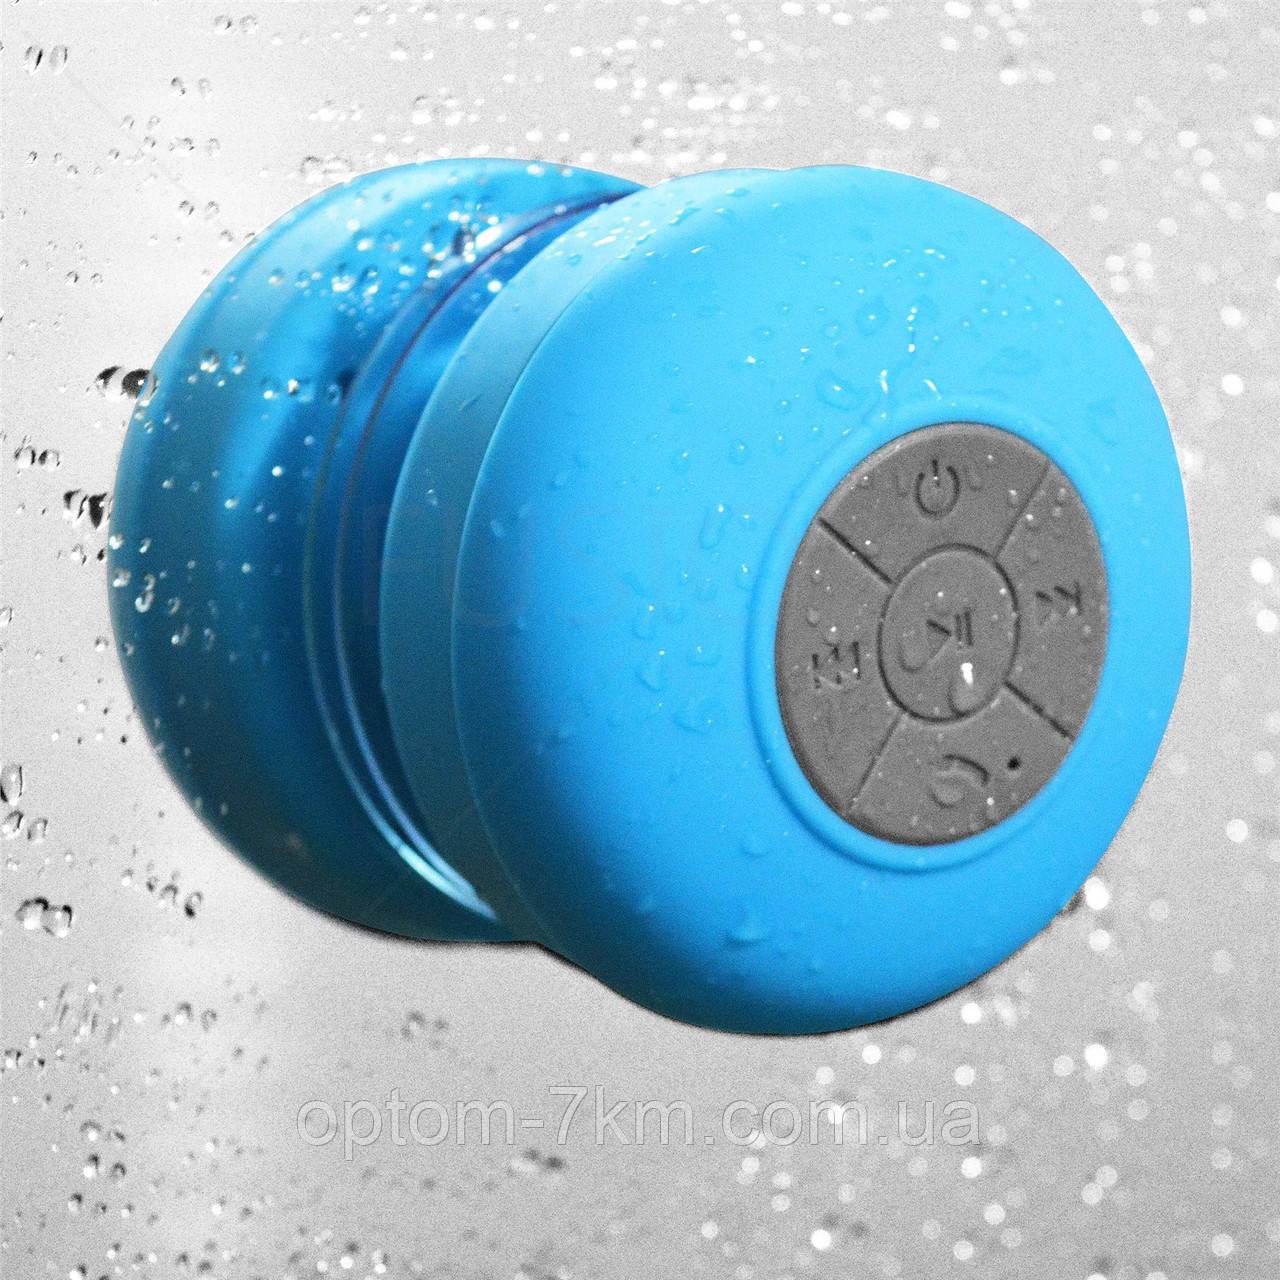 Мобильная Колонка SPS X1 WaterProof Портативная MP3 Колонка S